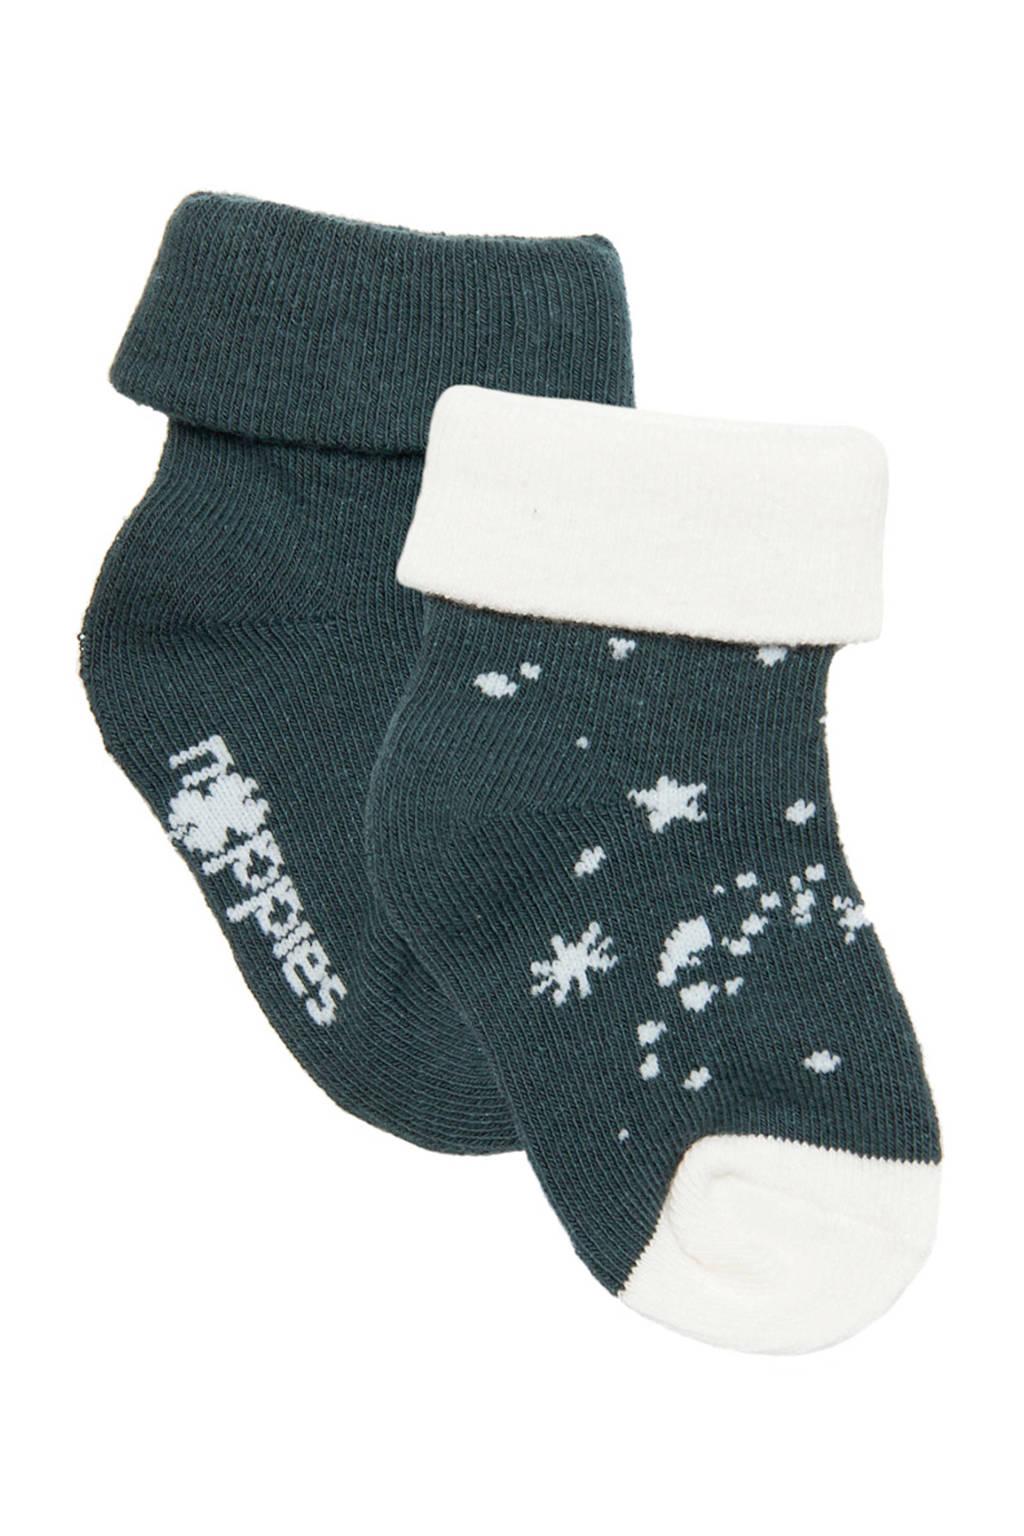 Noppies newborn baby sokken- set van 2 blauw/wit, Dark Slate-P558